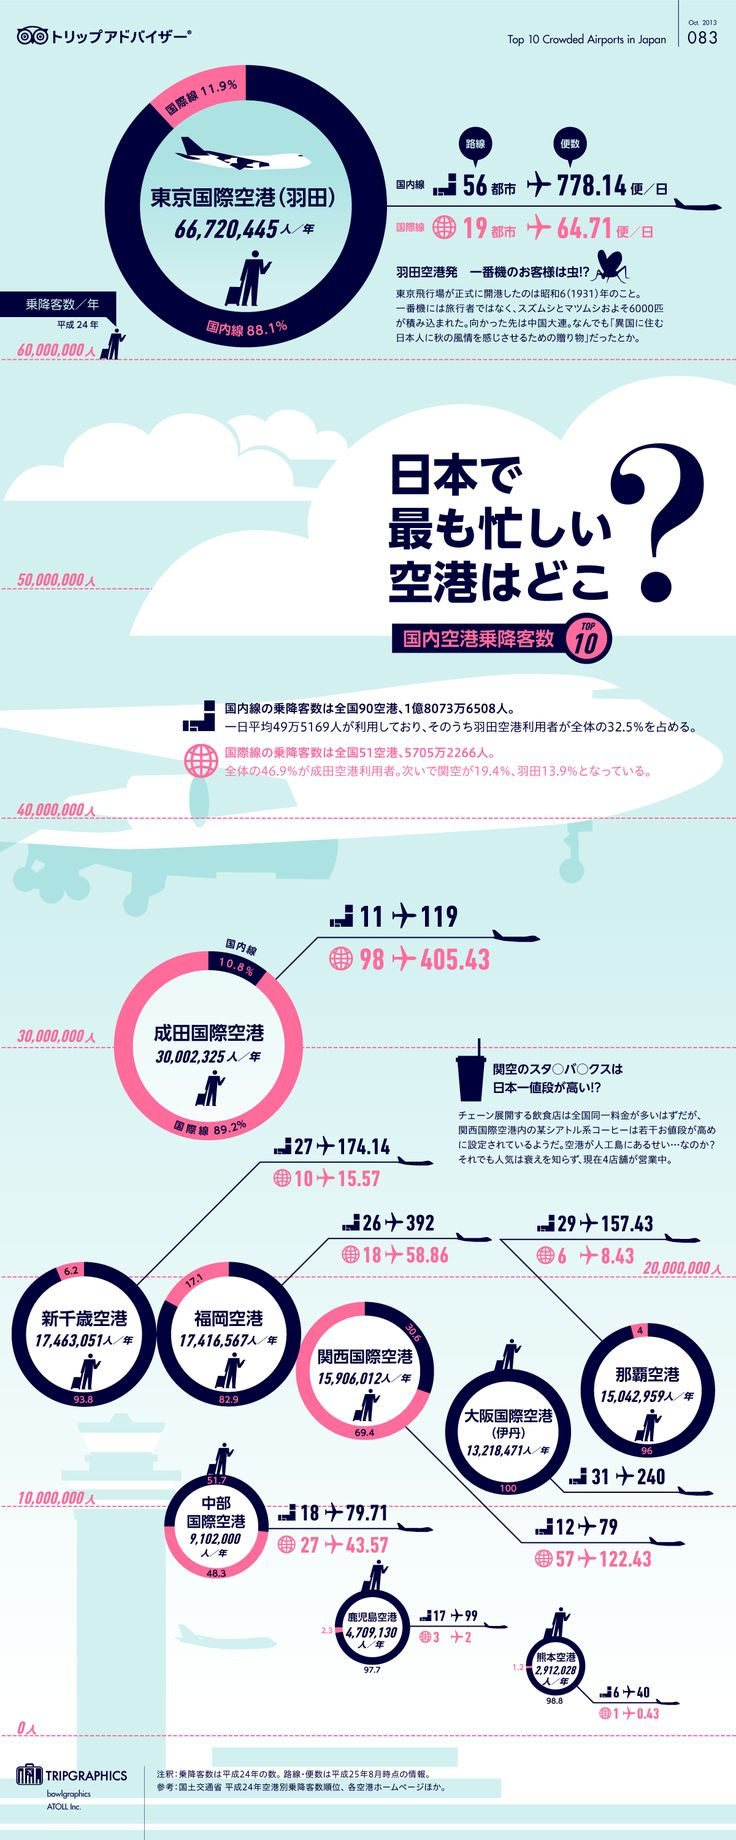 日本で最も忙しい空港はどこ? トリップアドバイザーのインフォグラフィックスで世界の旅が見える